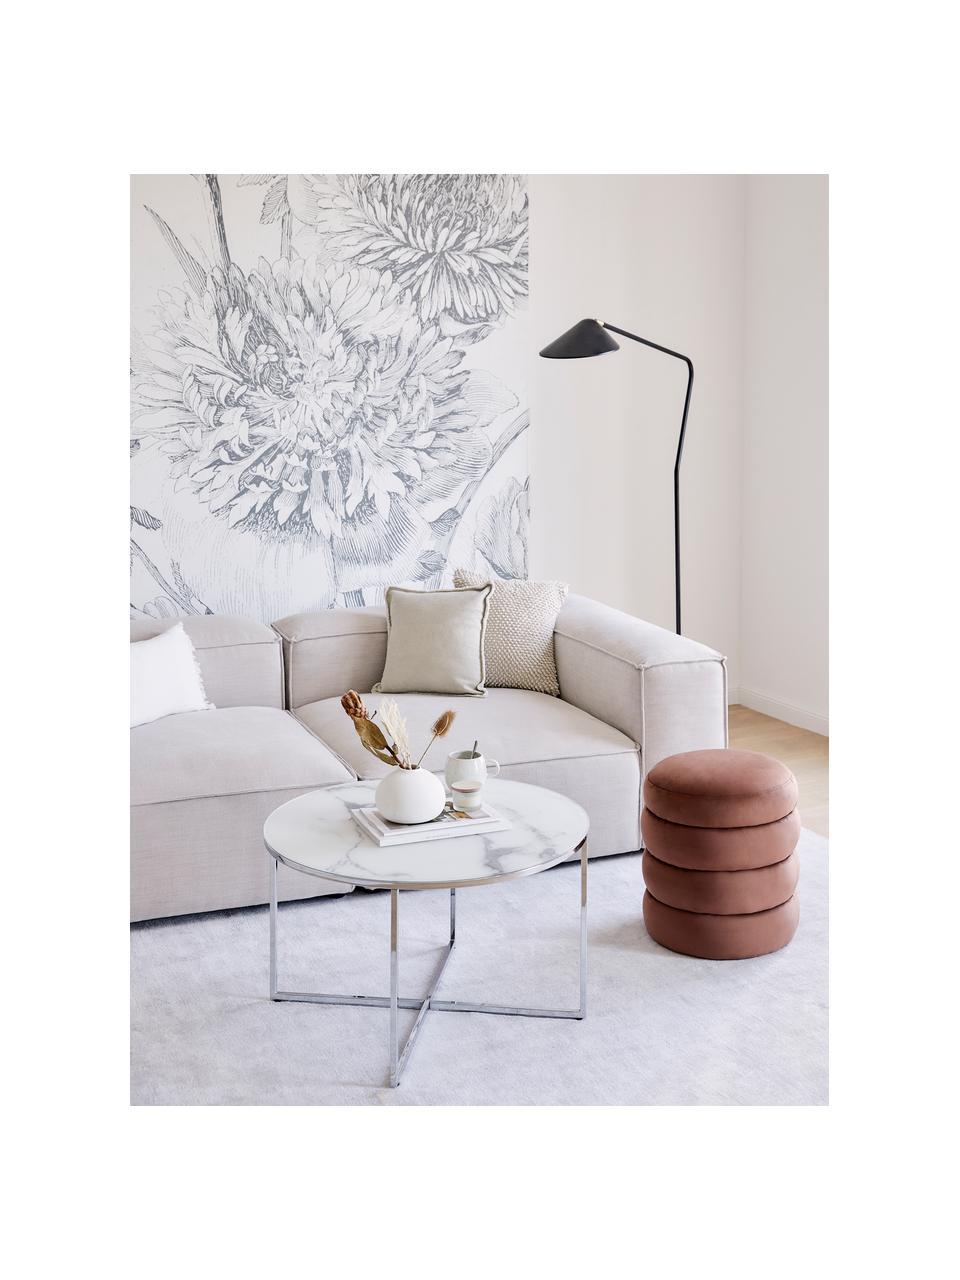 Tavolino da salotto con piano in vetro effetto marmo Antigua, Struttura: metallo cromato, Piano: bianco latteo, marmo stampato Struttura: cromo, Ø 80 x Alt. 45 cm